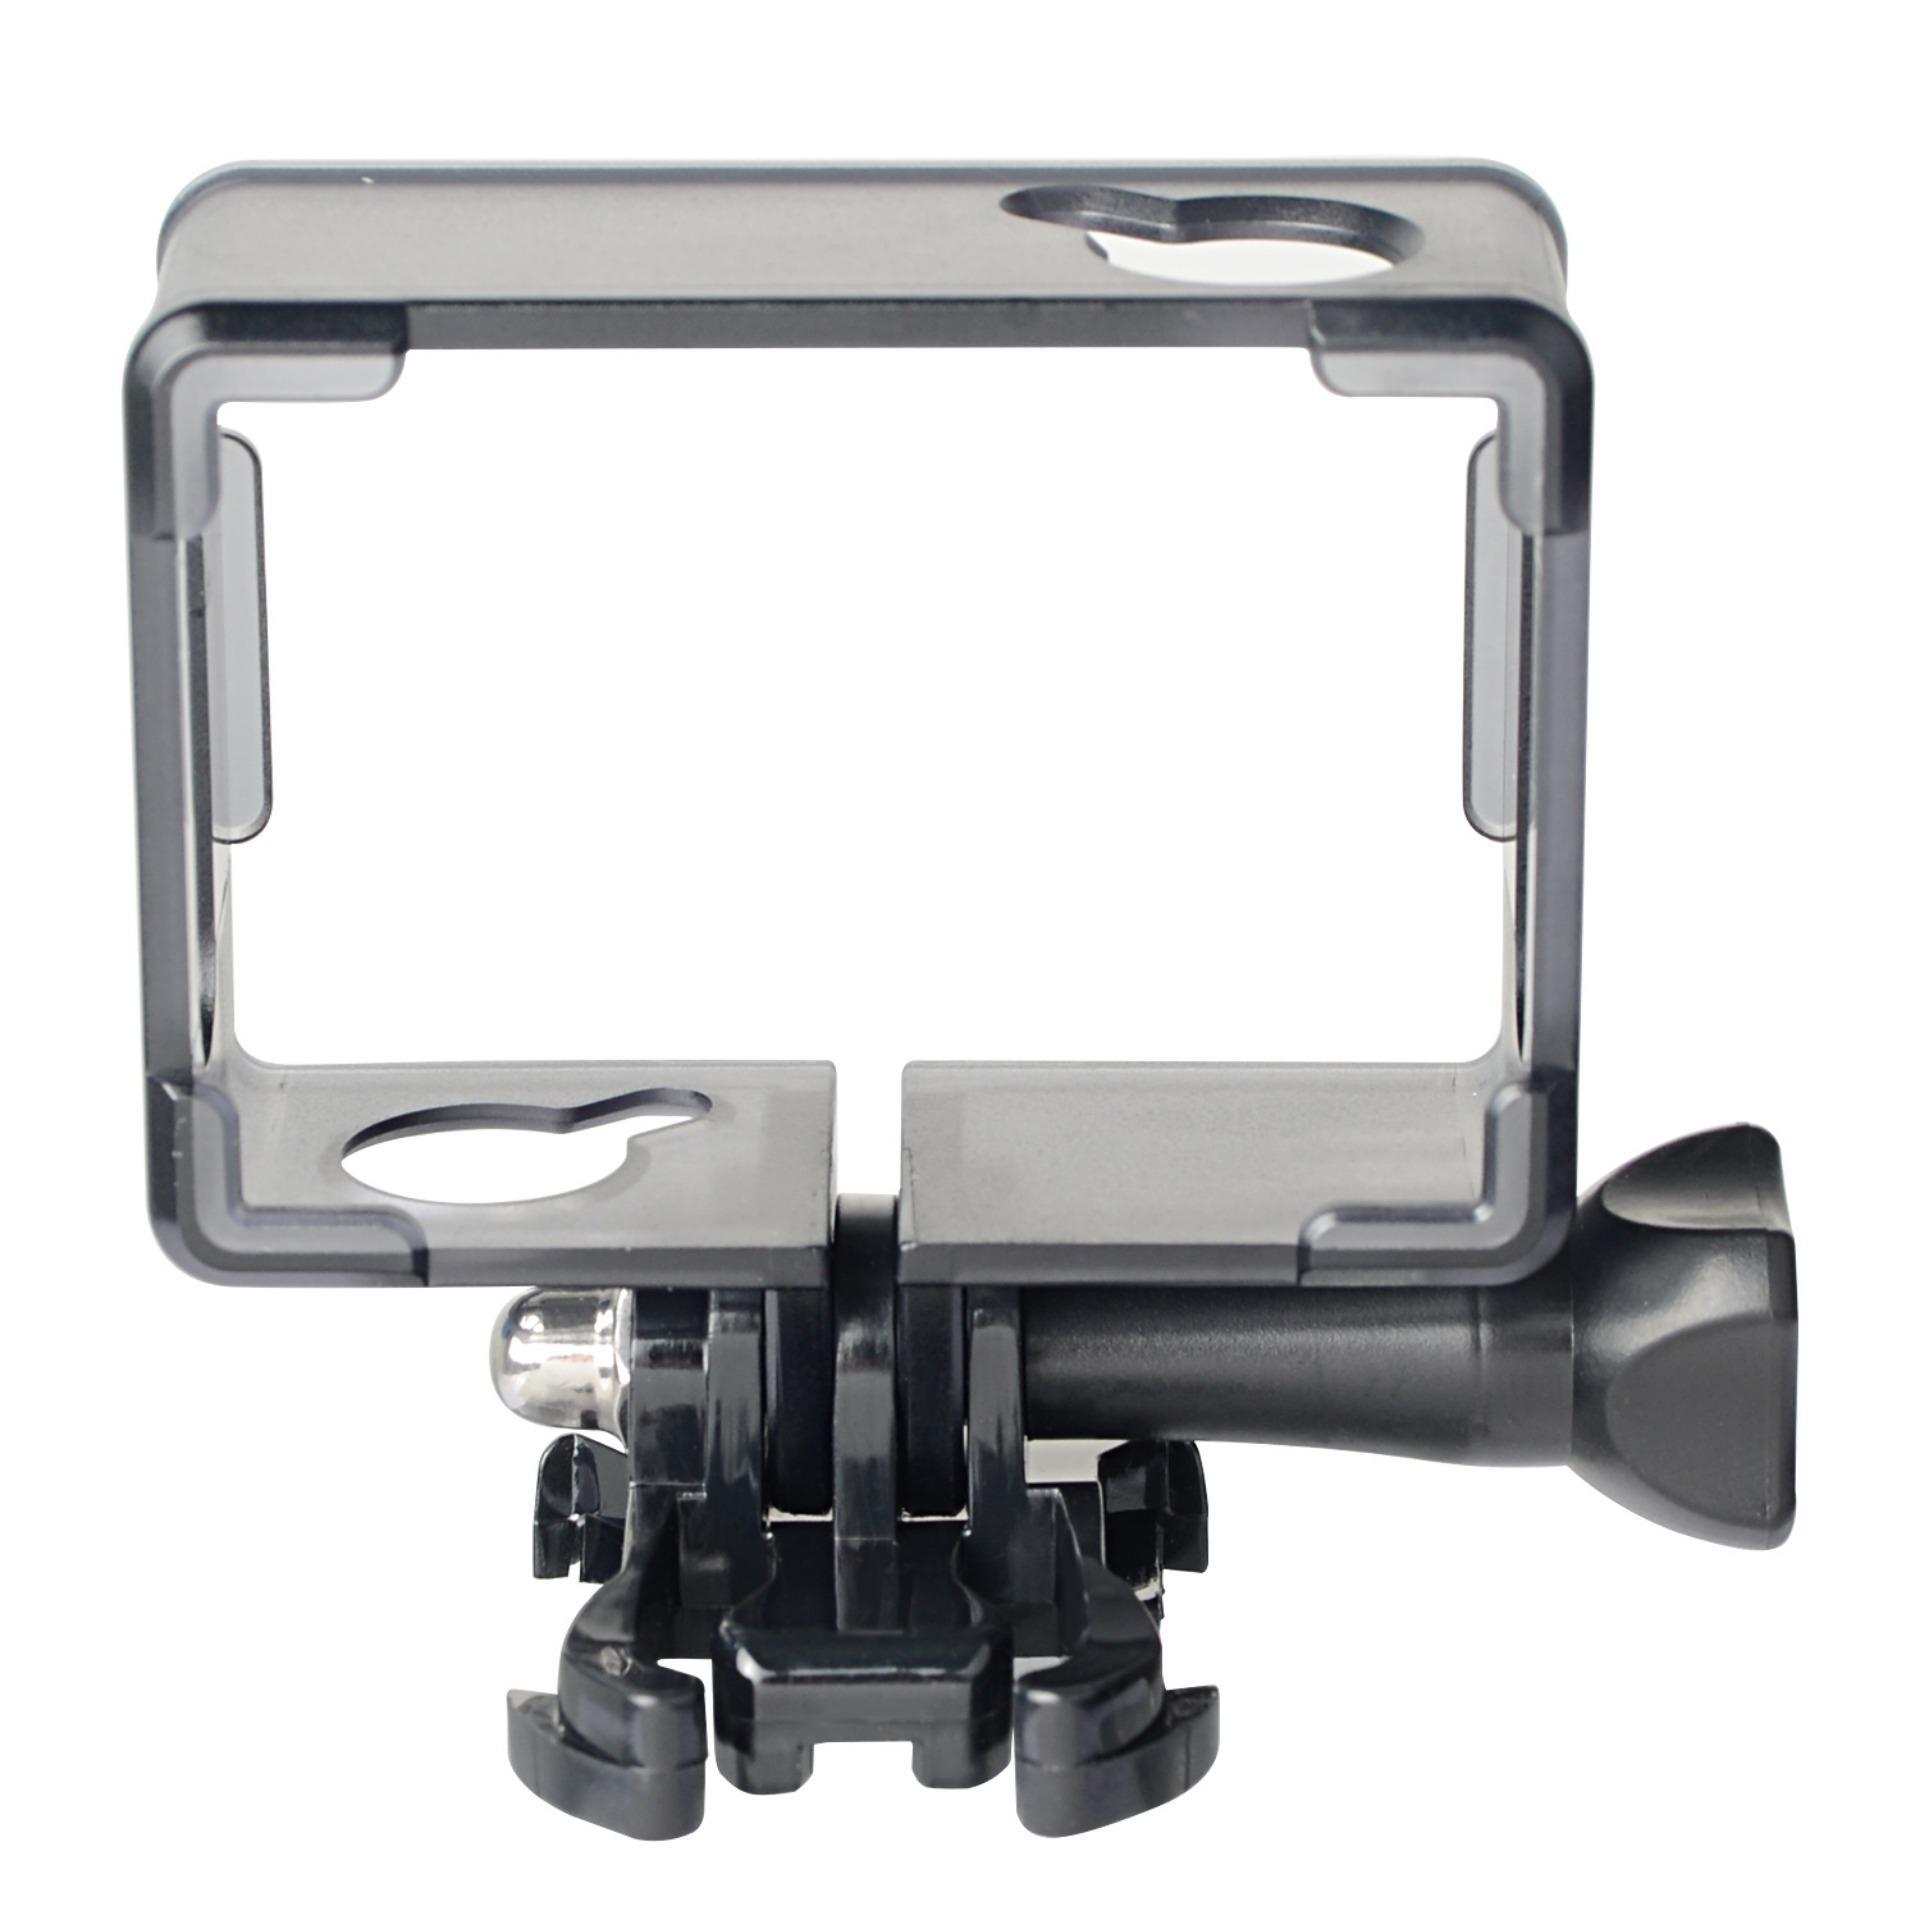 Sjcam Bumper Case For Sj4000 Series Action Camera (black) By Sjcam.